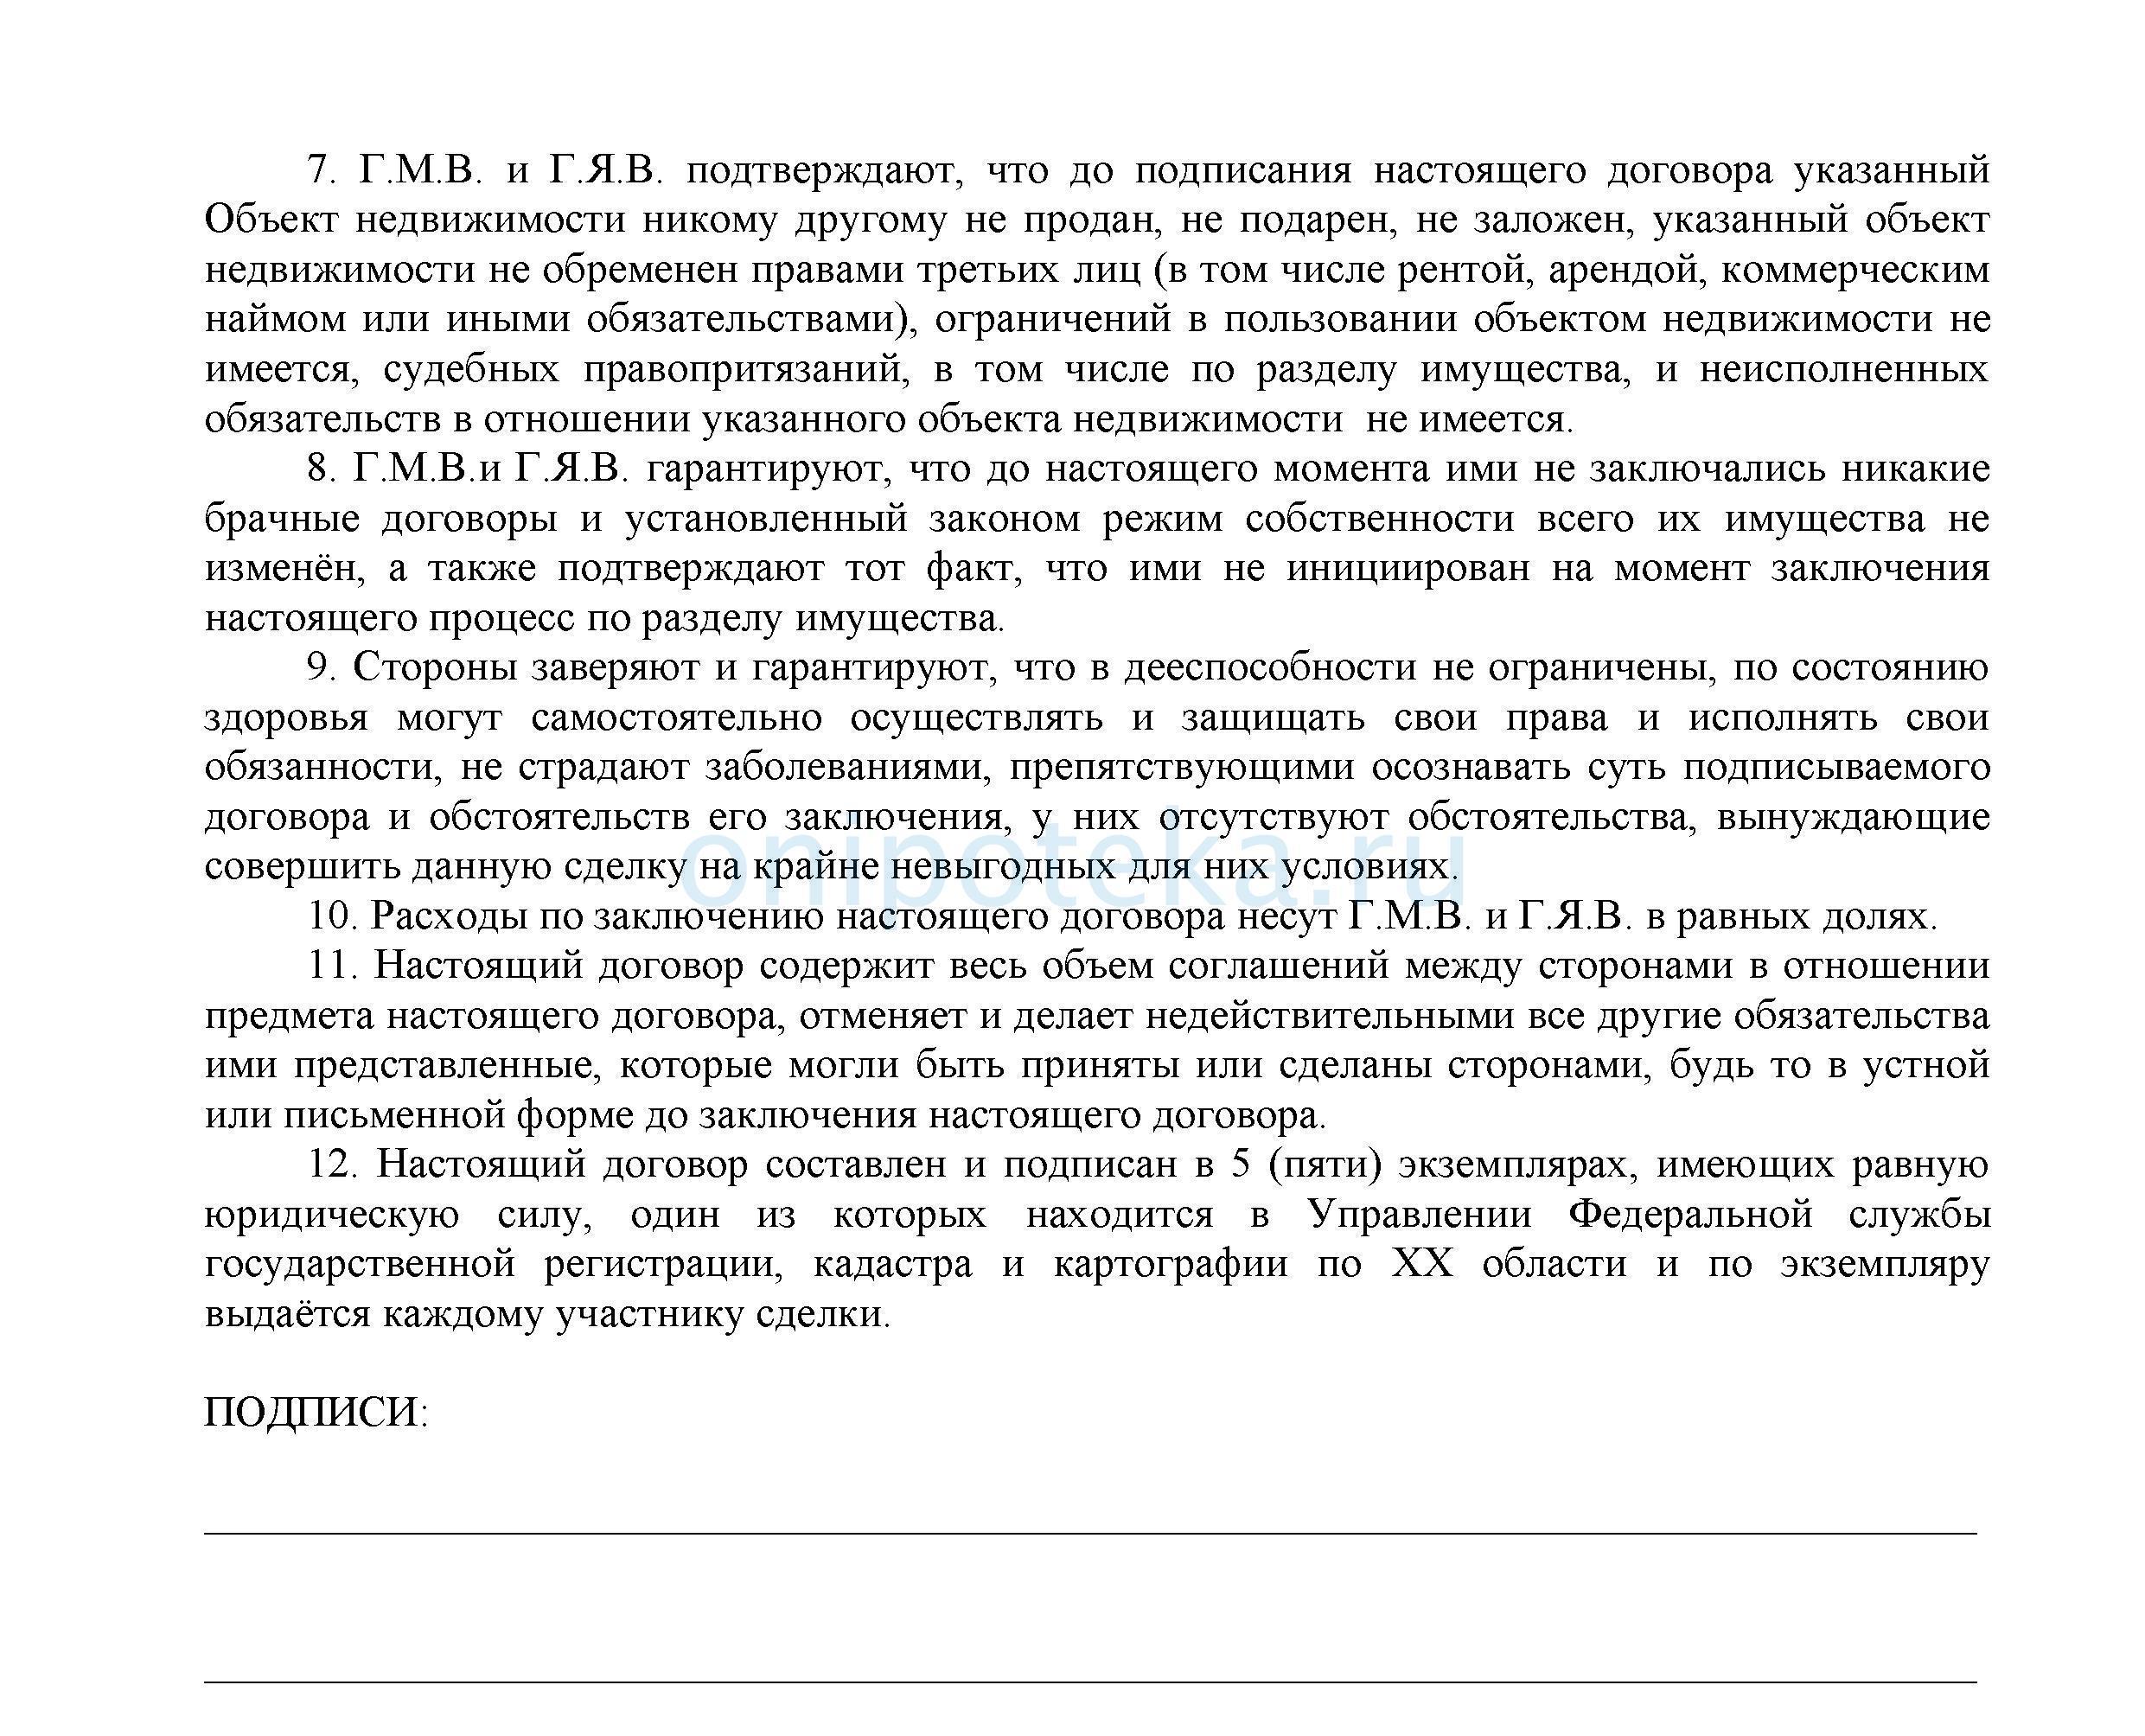 Образец соглашение (договора) о выделении доли без нотариуса-2